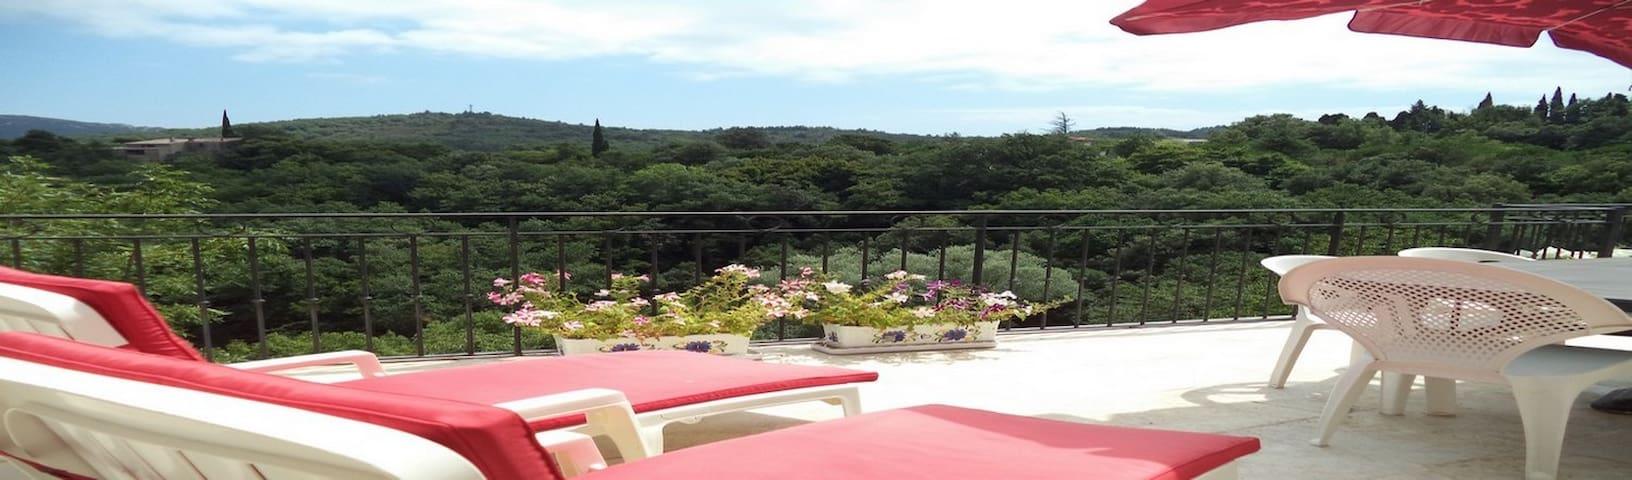 Gîte 130m2 avec Vue panoramique dans les corbieres - Albières